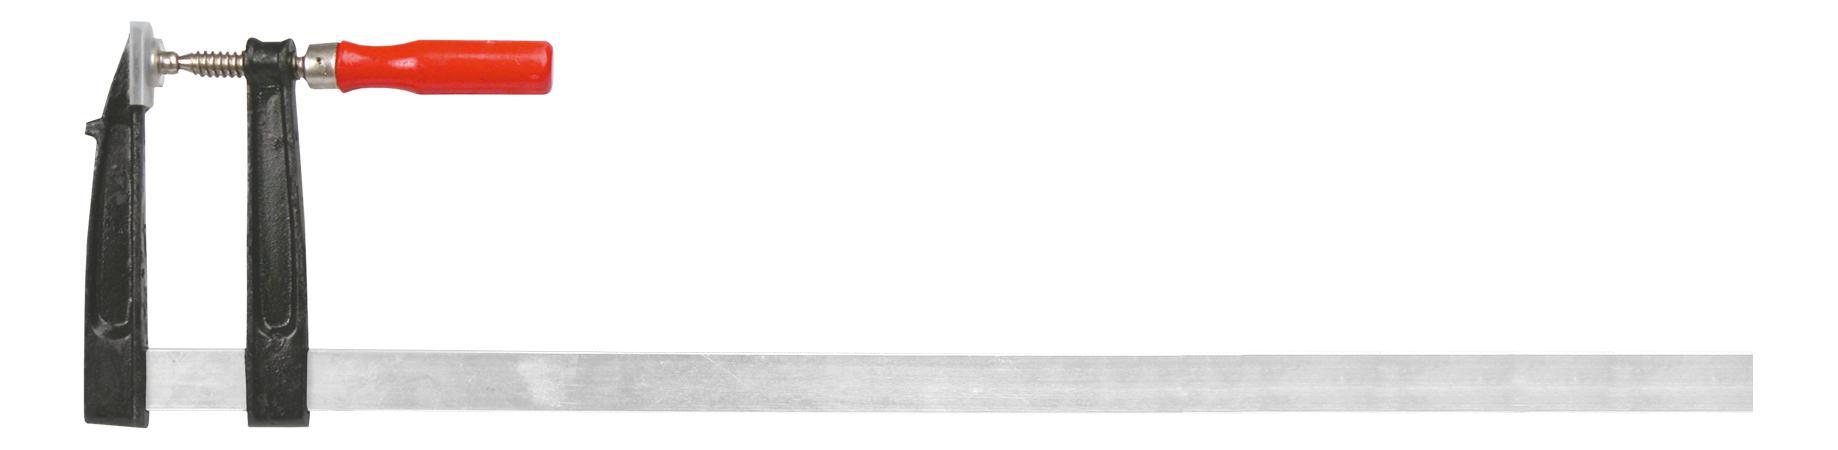 Струбцина Top tools 12a223